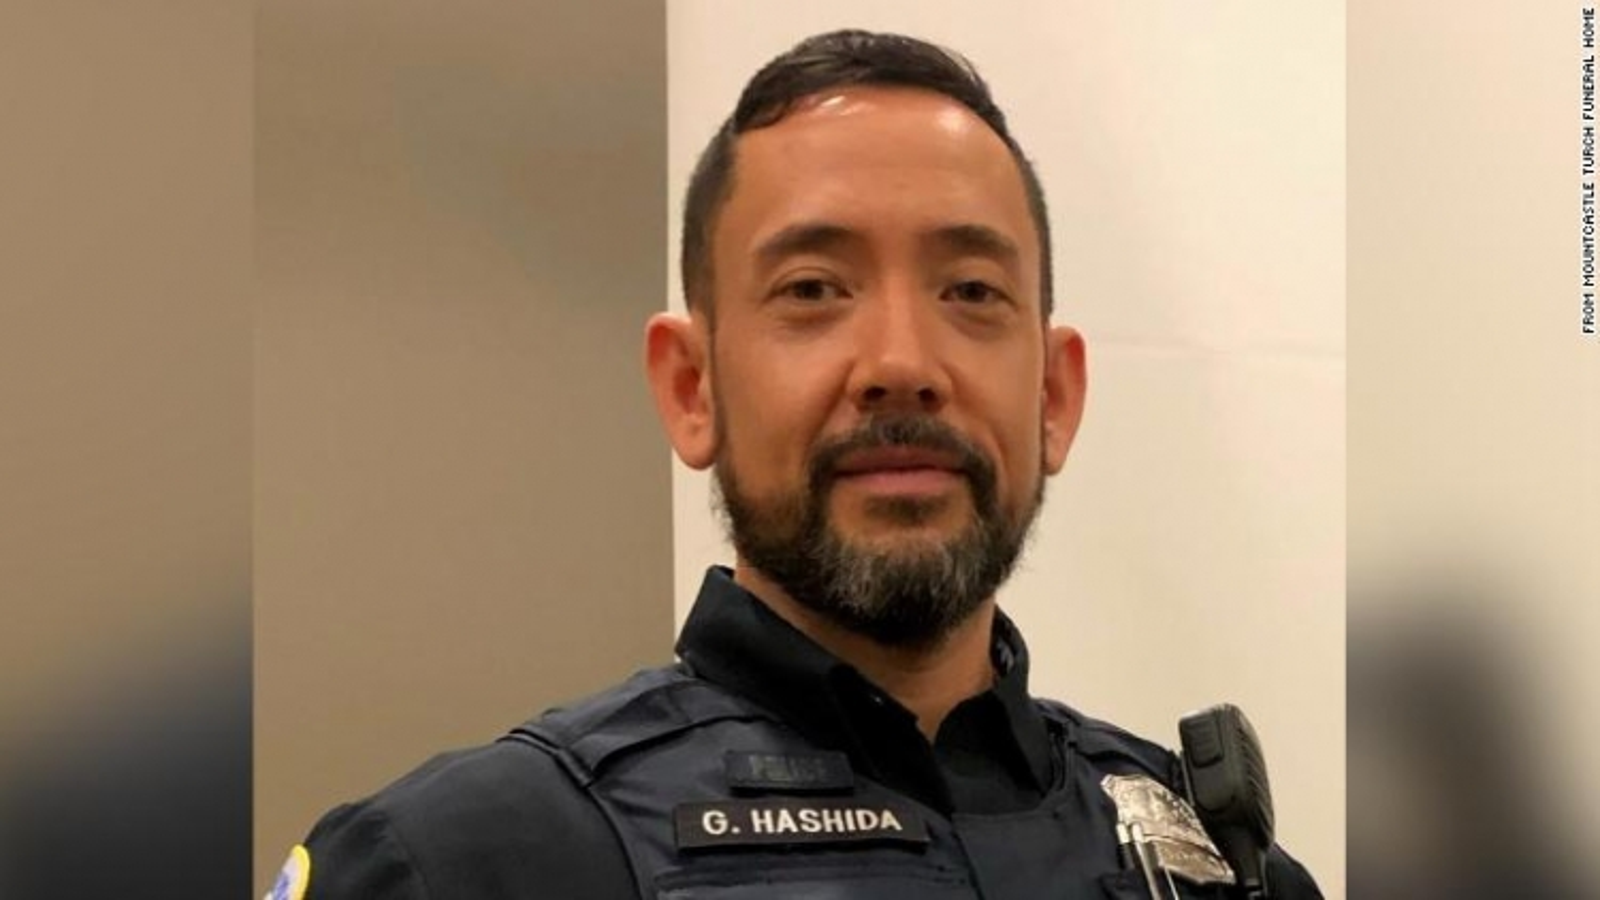 Vụ bạo loạn ngày 6/1 tại Mỹ: Thêm một sĩ quan cảnh sát bảo vệ Điện Capitol tự sát